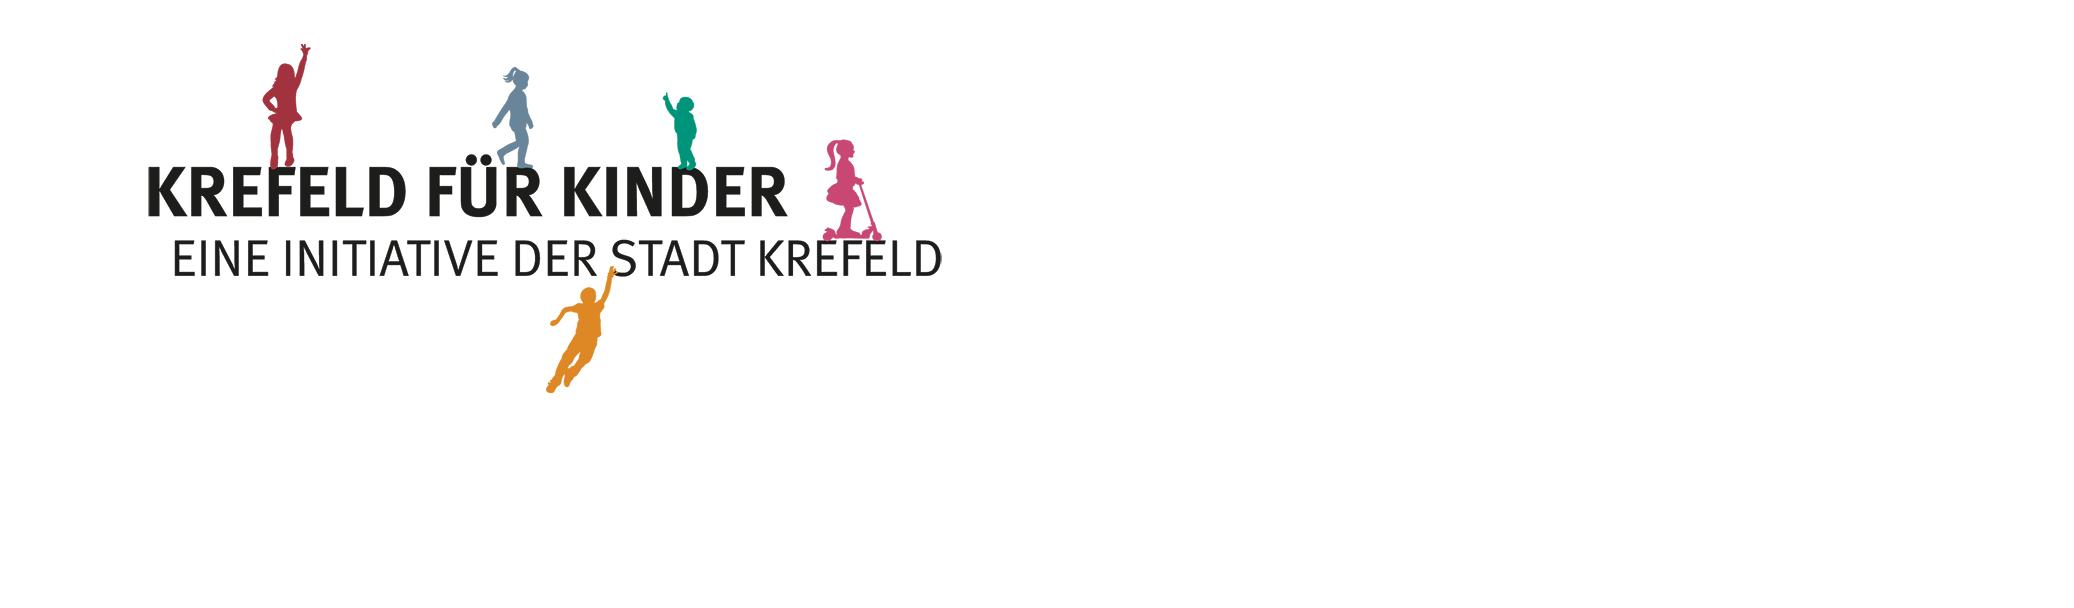 Kinder-für-Krefeld-Logo